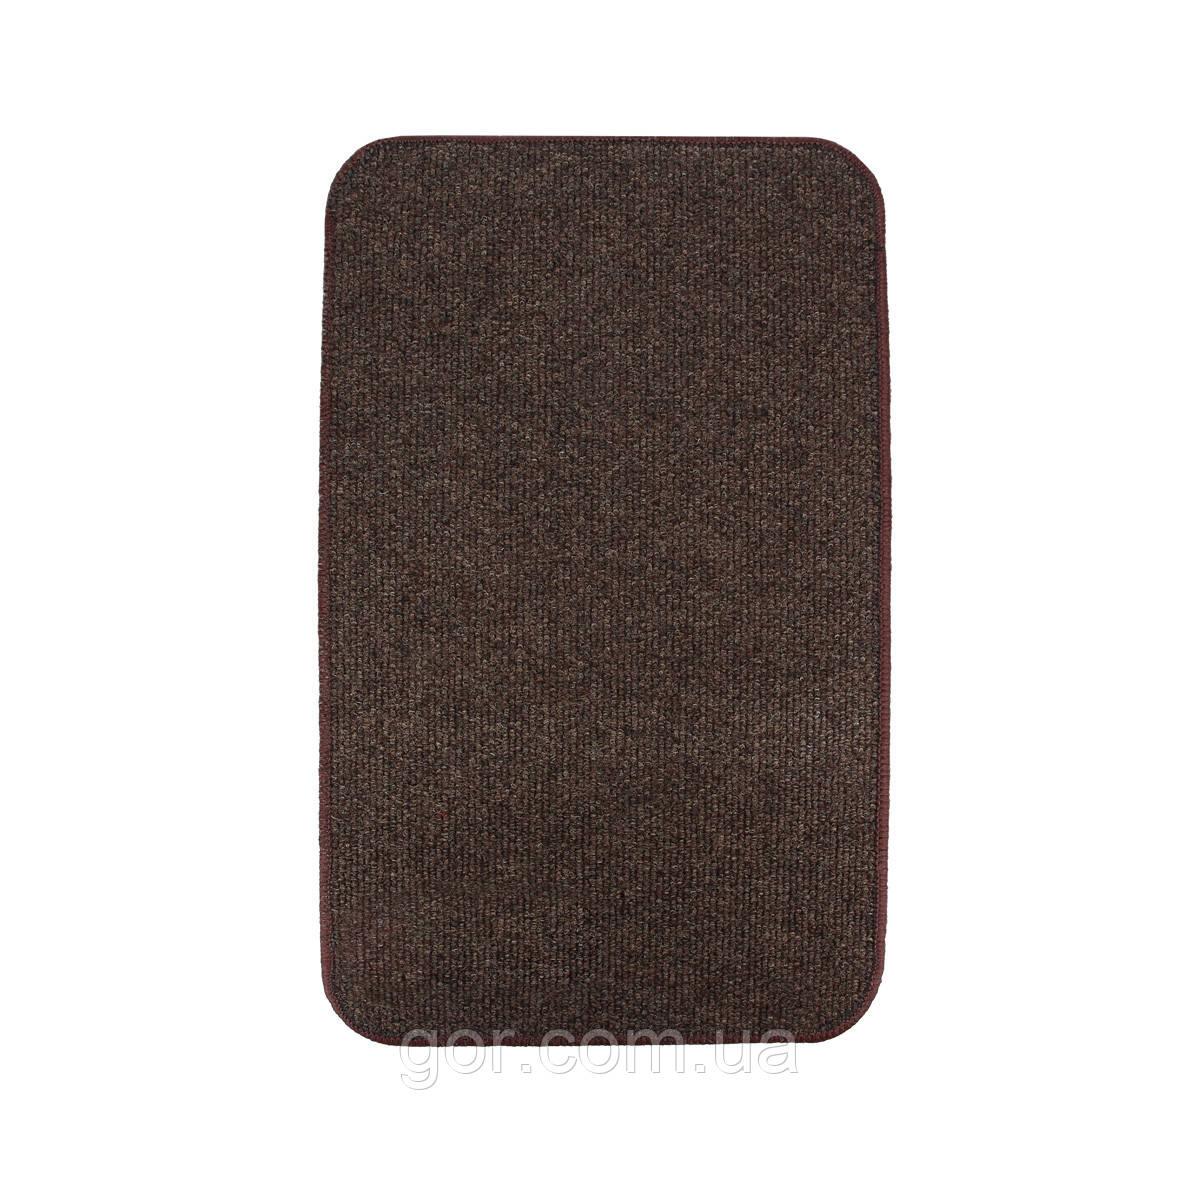 Електричний килимок з підігрівом Теплик двосторонній 50 х 30 см Темно-коричневий